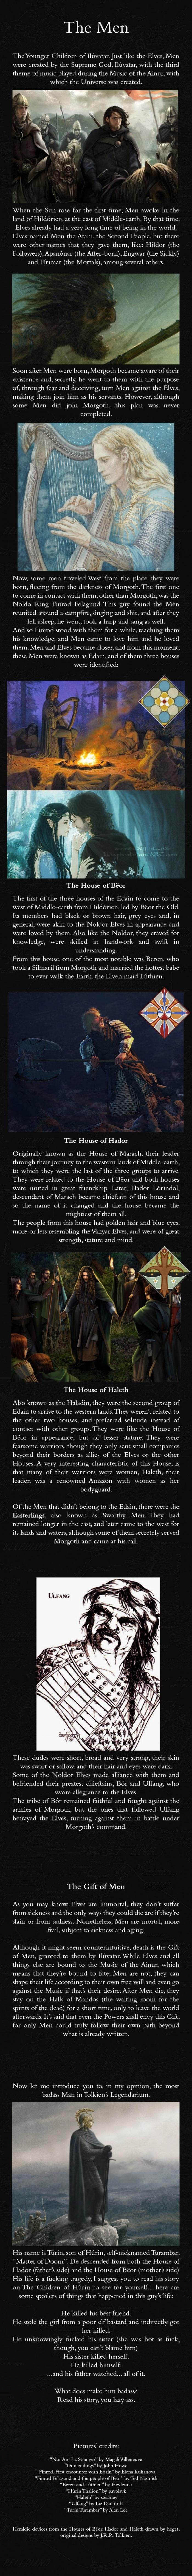 The Men - J.R.R. Tolkien's Mythology